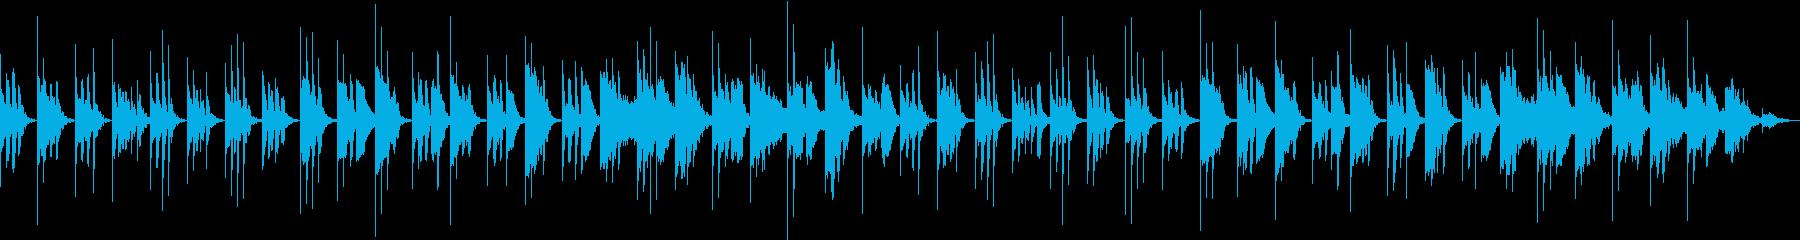 赤ちゃんの睡眠リズムを養う寝かしつけ音楽の再生済みの波形